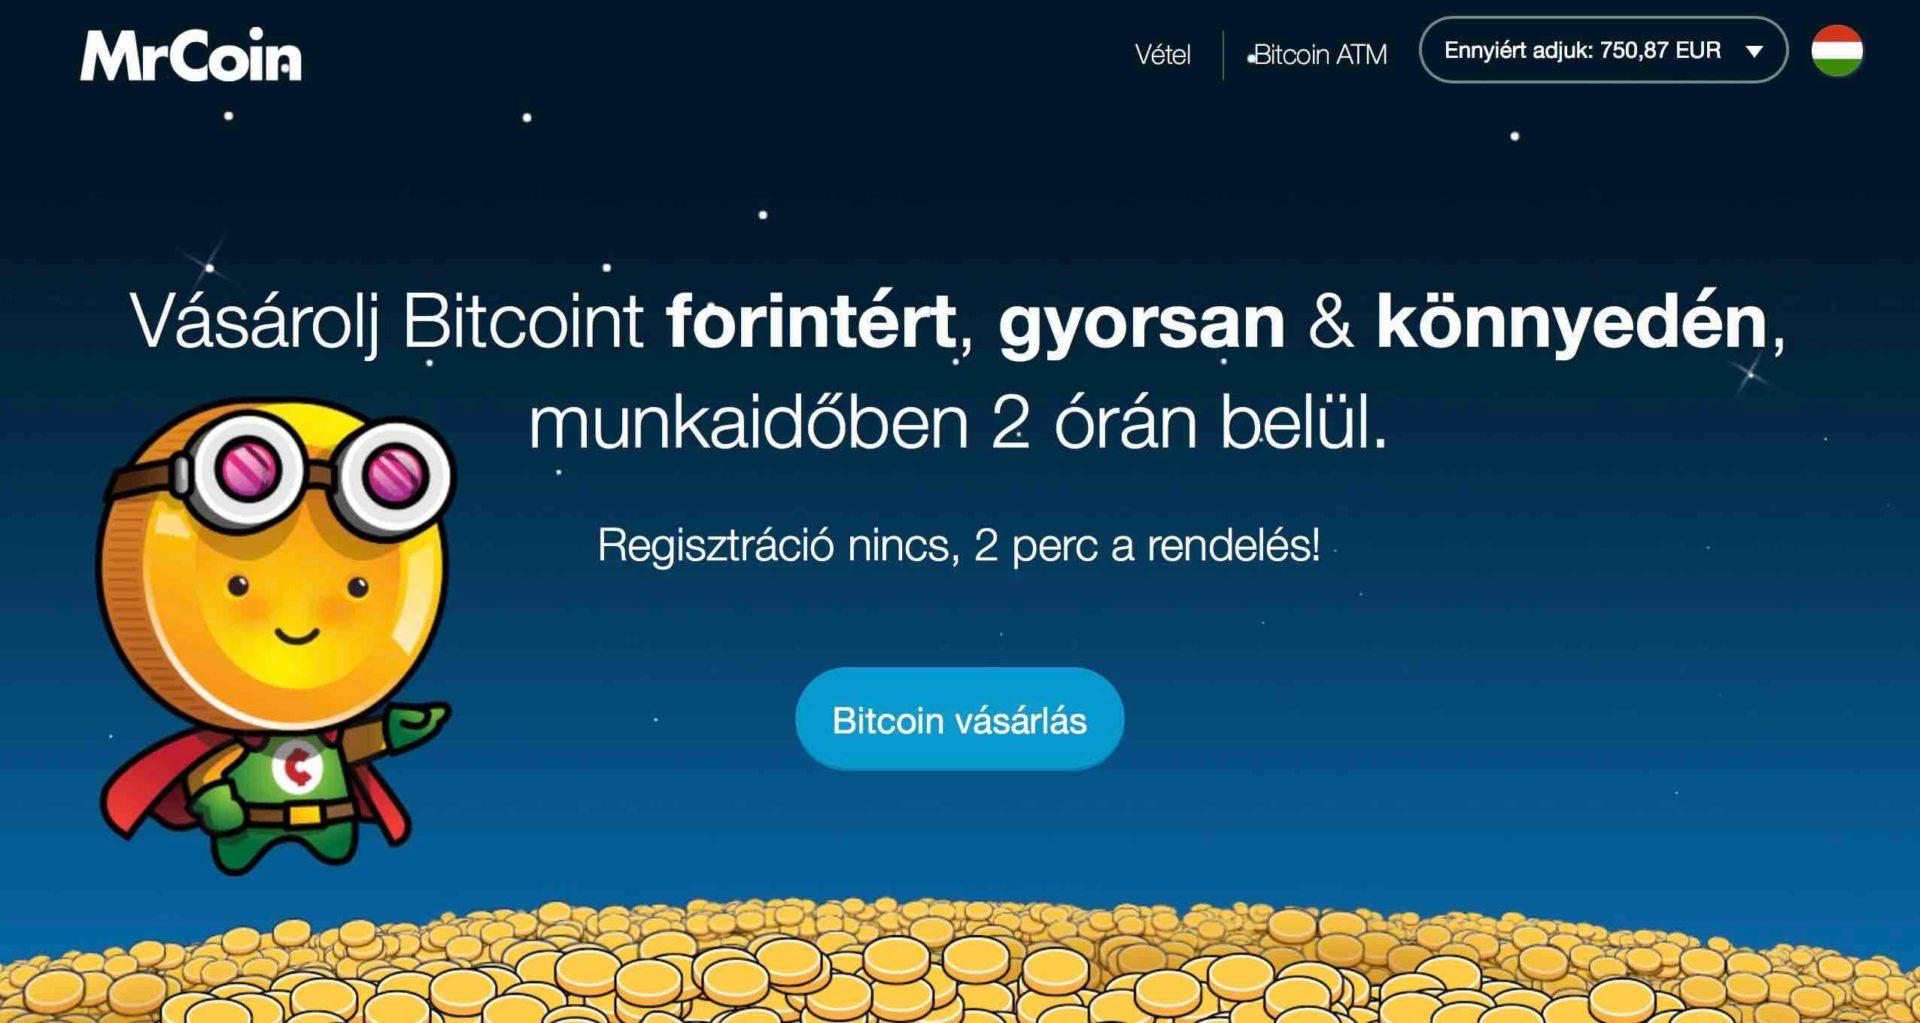 mrcoin bitcoin